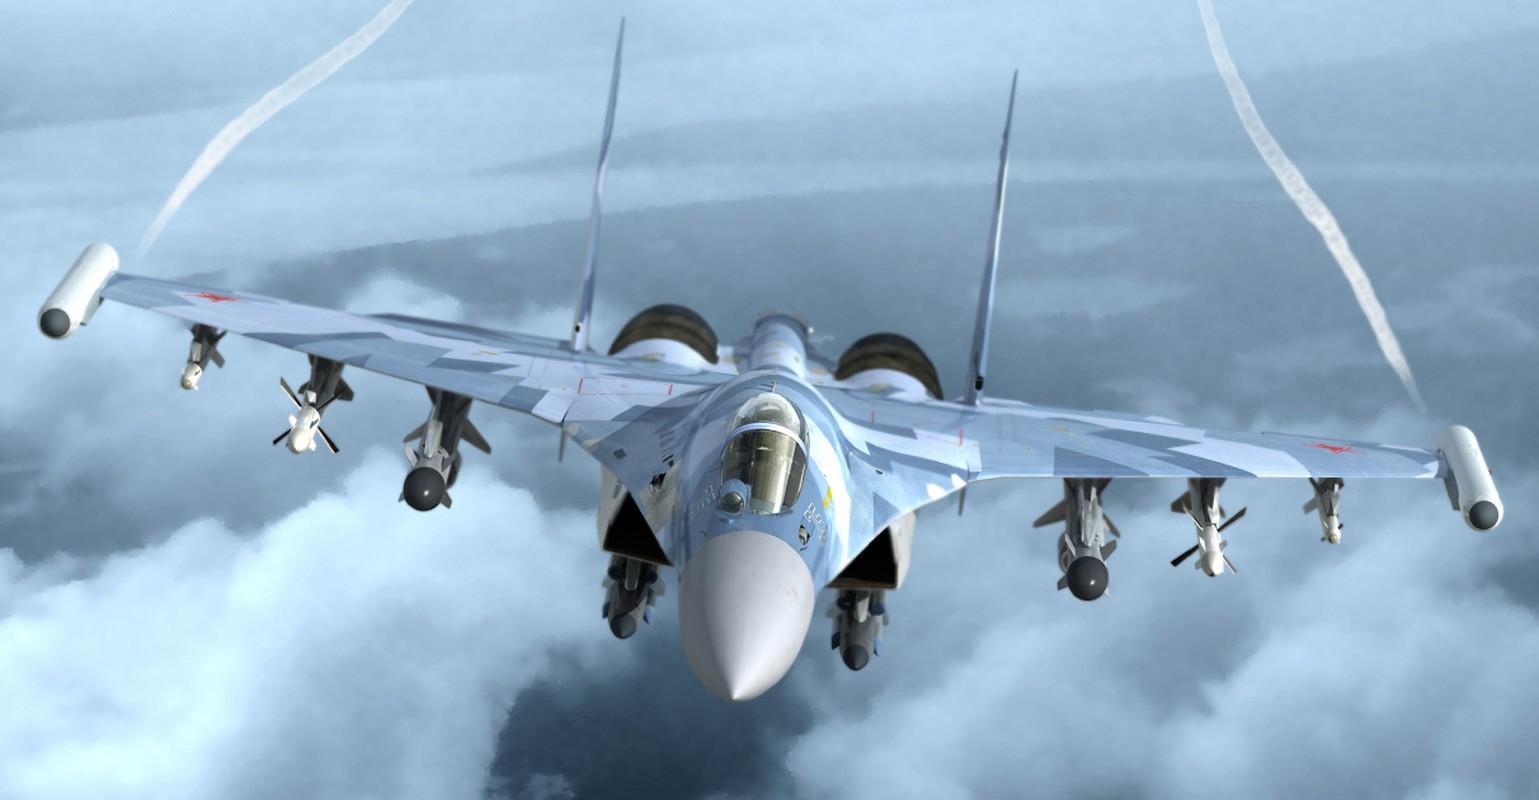 Chuyen gia dau dau doan phan ung cua Nga khi Ukraine tan cong Donbass-Hinh-13